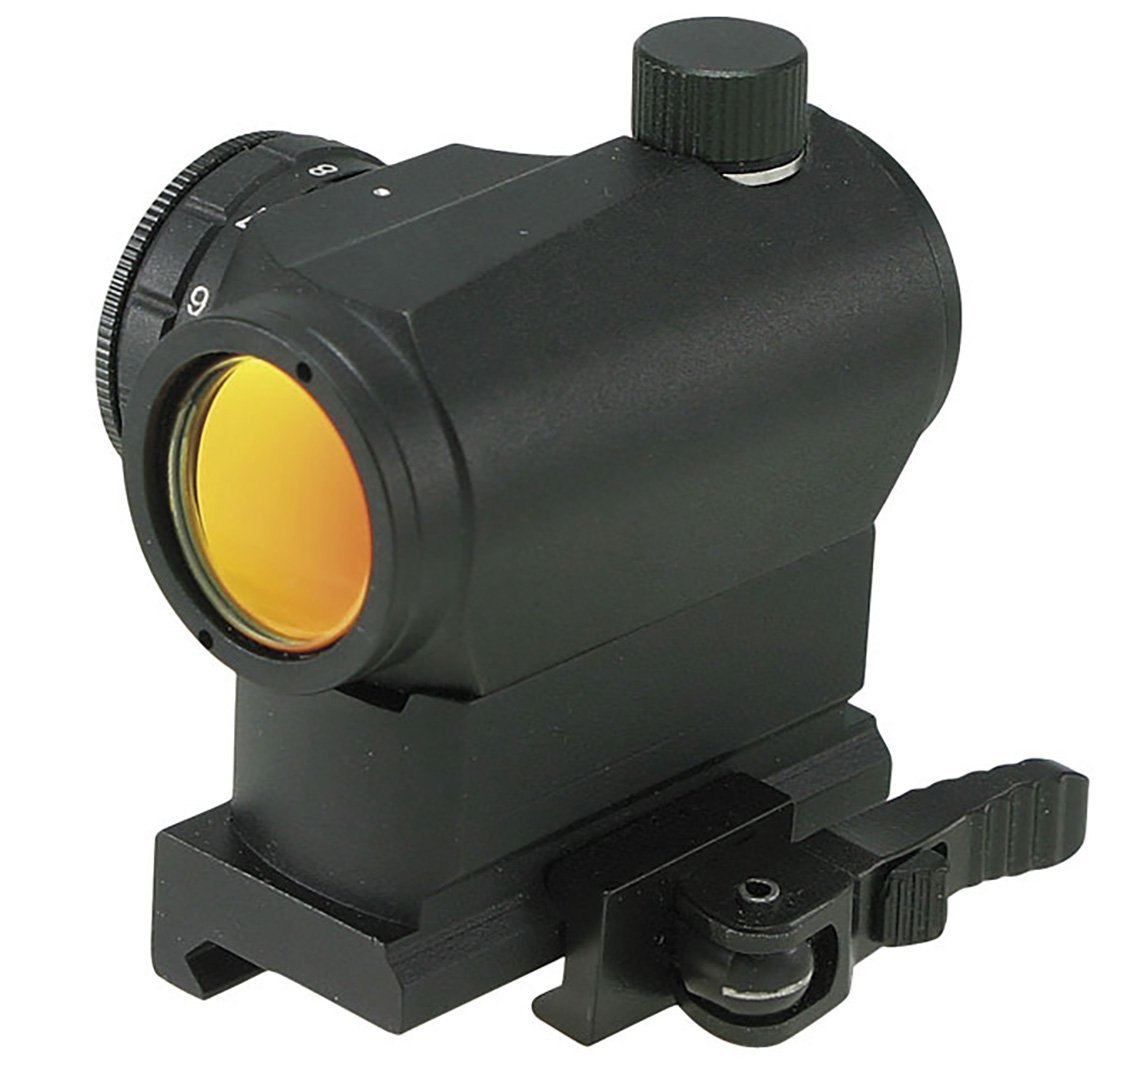 ノーベルアームズ NOVEL NOVEL ARMS ARMS COMBAT AIM AIM T1 ドットサイト<レターパックでの発送です>, 北橘村:e3a407a5 --- wap.cadernosp.com.br